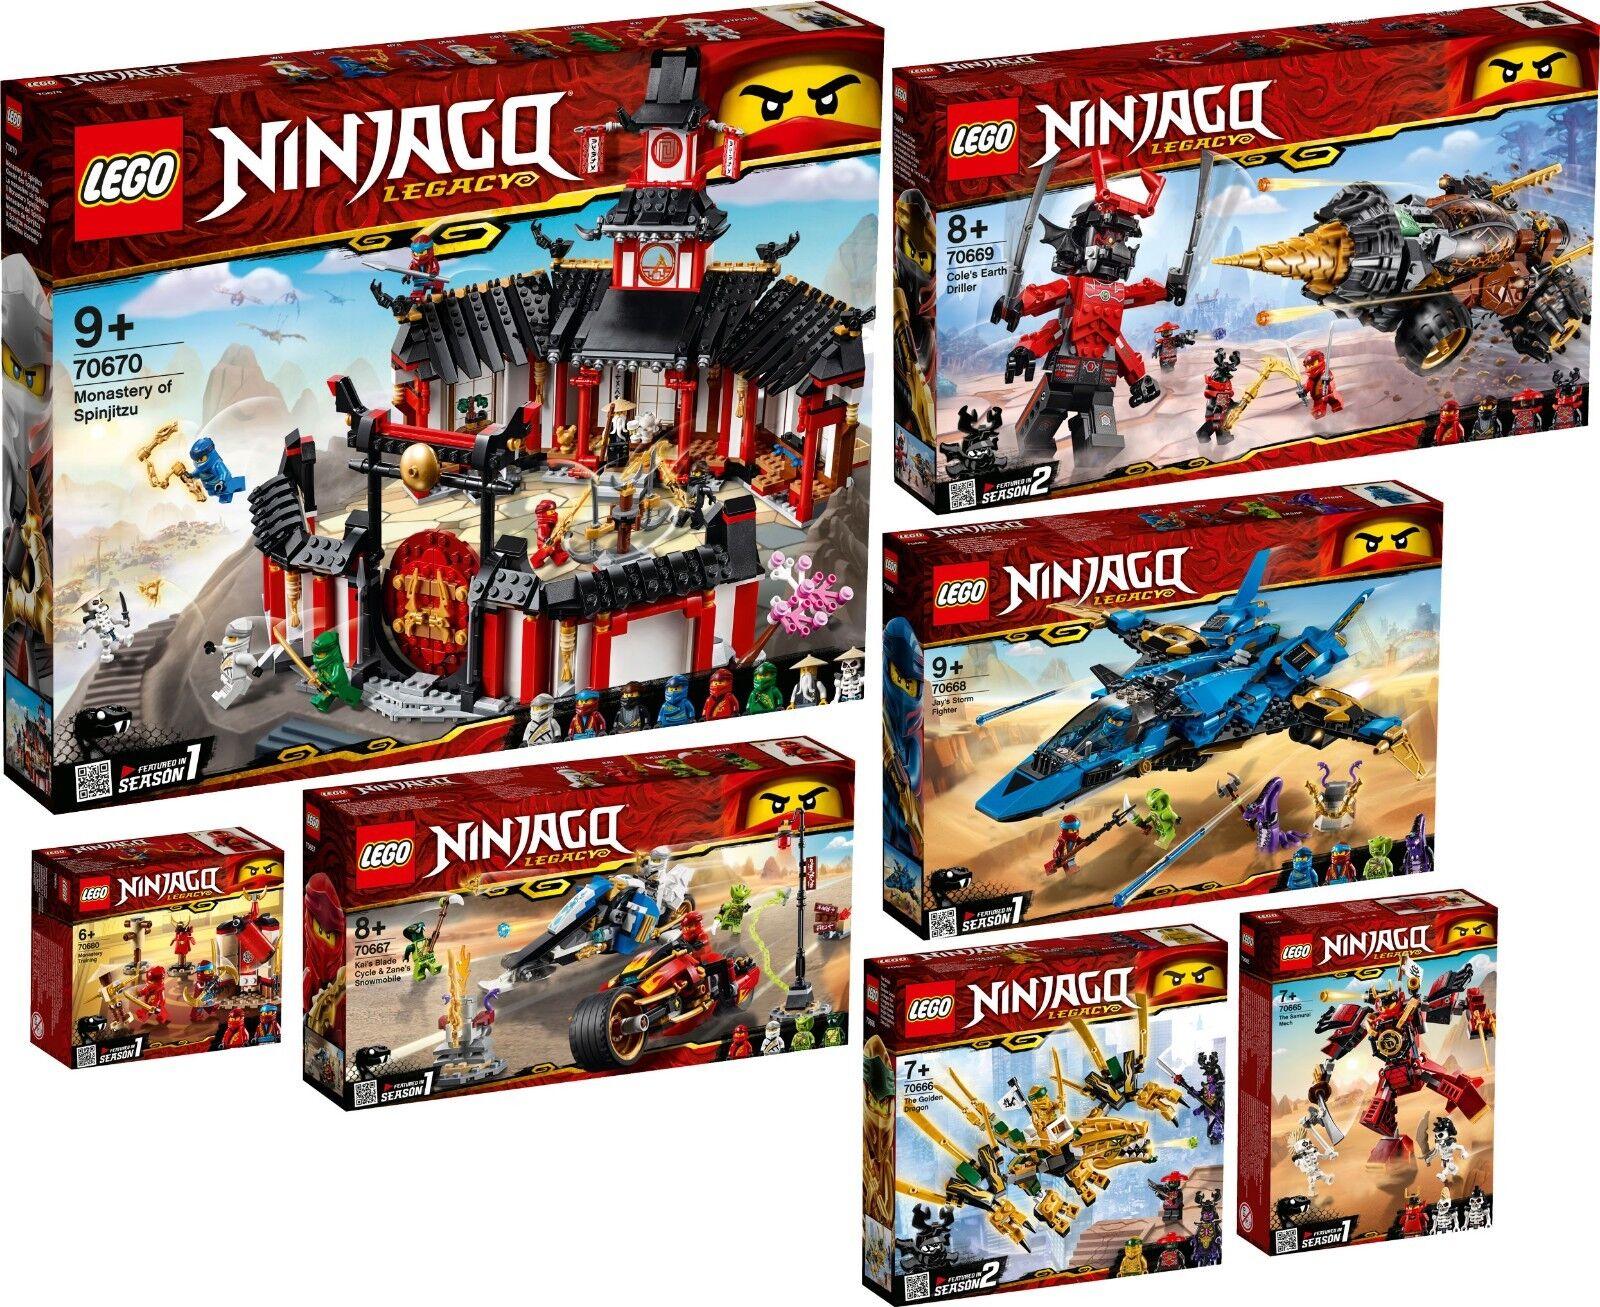 LEGO NINJAGO 70670 70669 70668 70667 70666 70665 70680 Spinjitzu N1 19